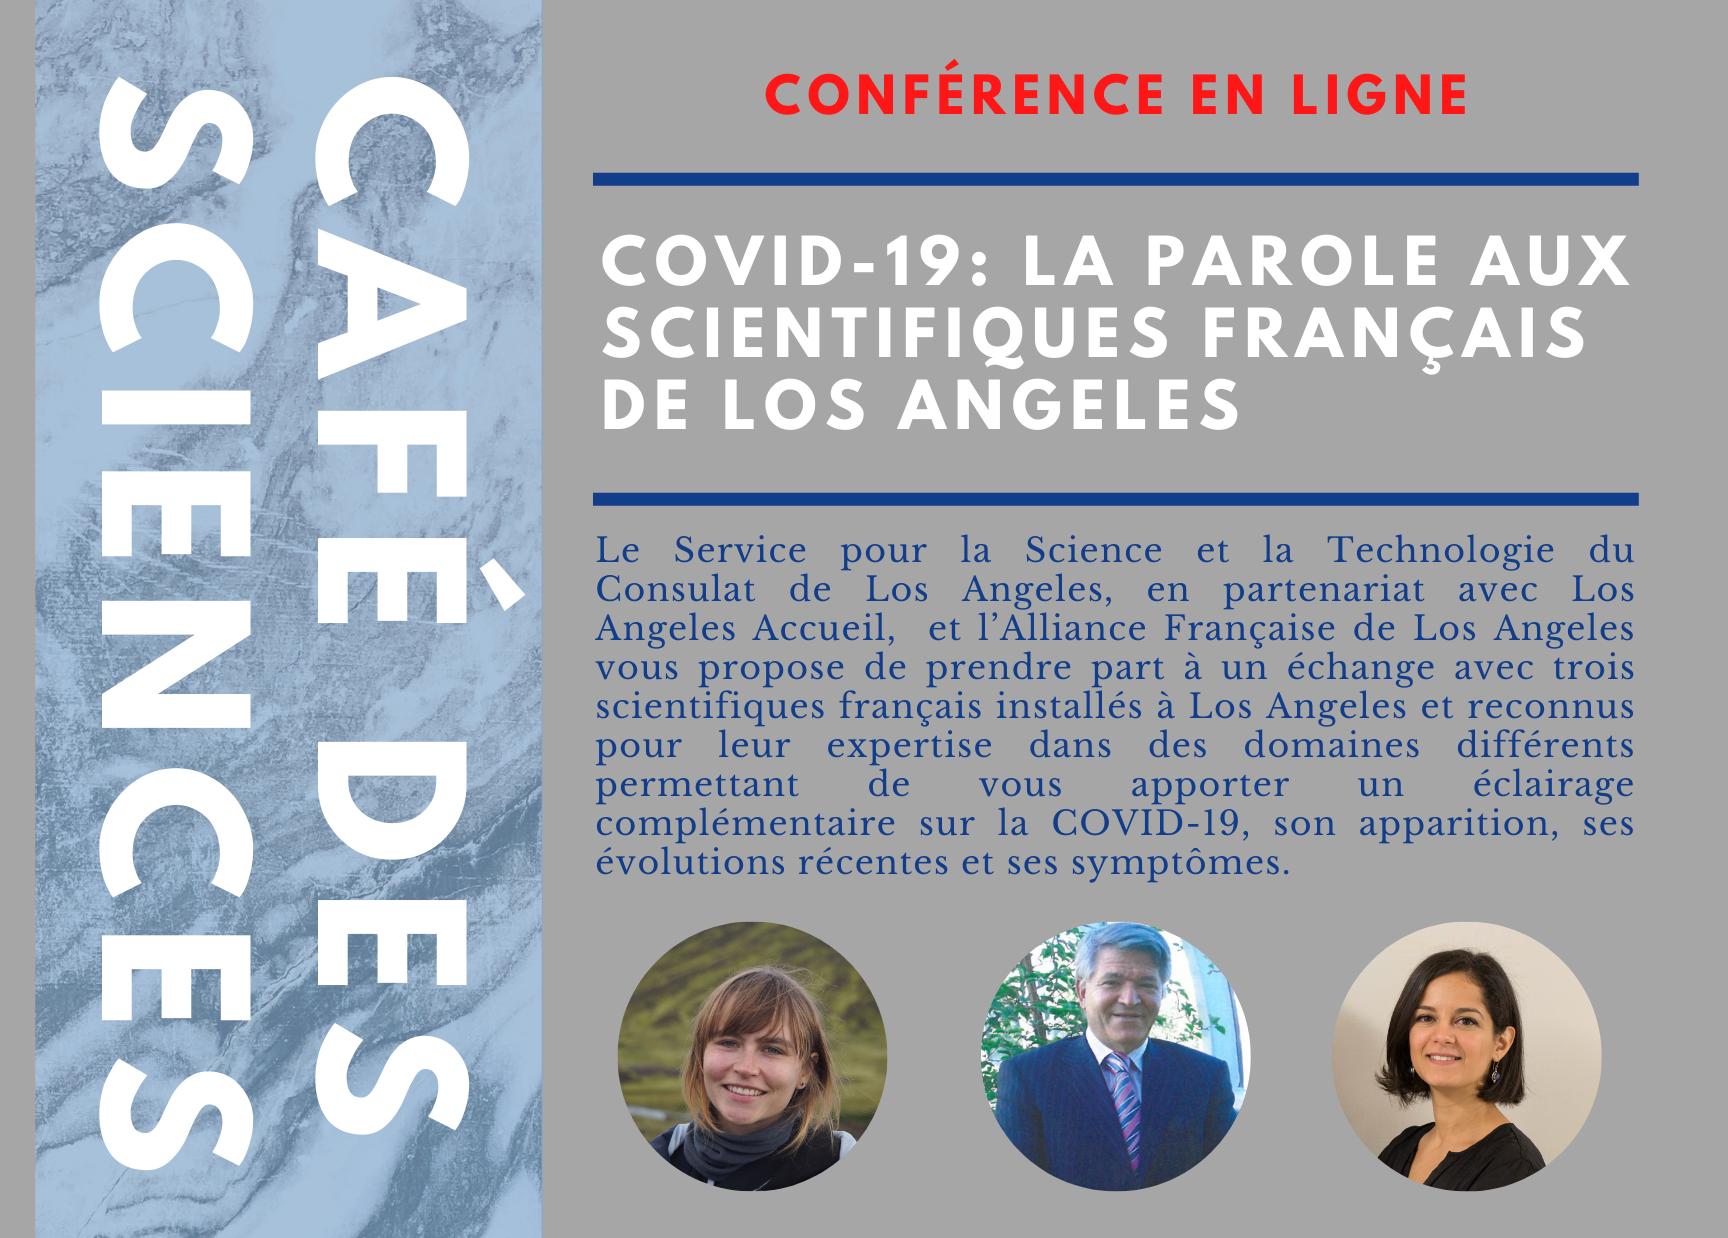 Café des Sciences @Online Décembre 3, 2020 // COVID-19 : La parole aux scientifiques français de Los Angeles